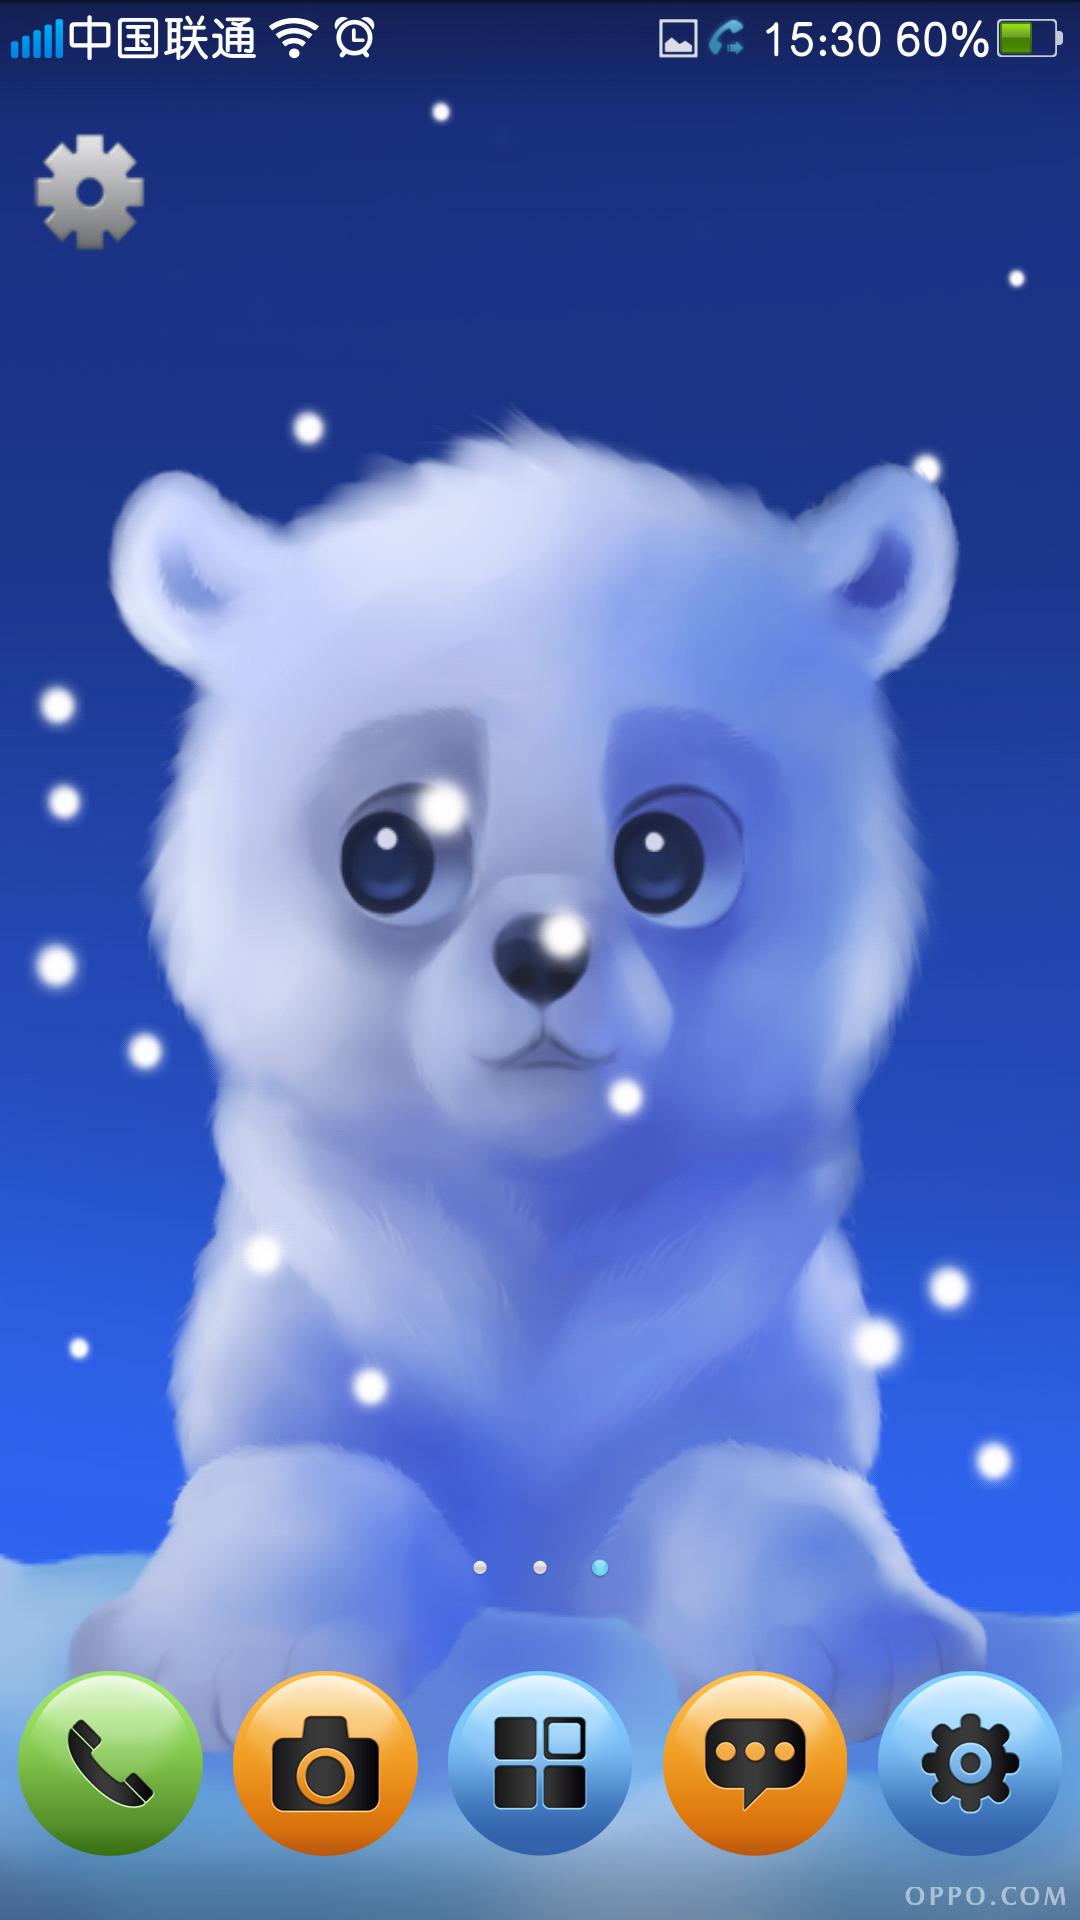 下载地址: 可爱的小熊动态壁纸.